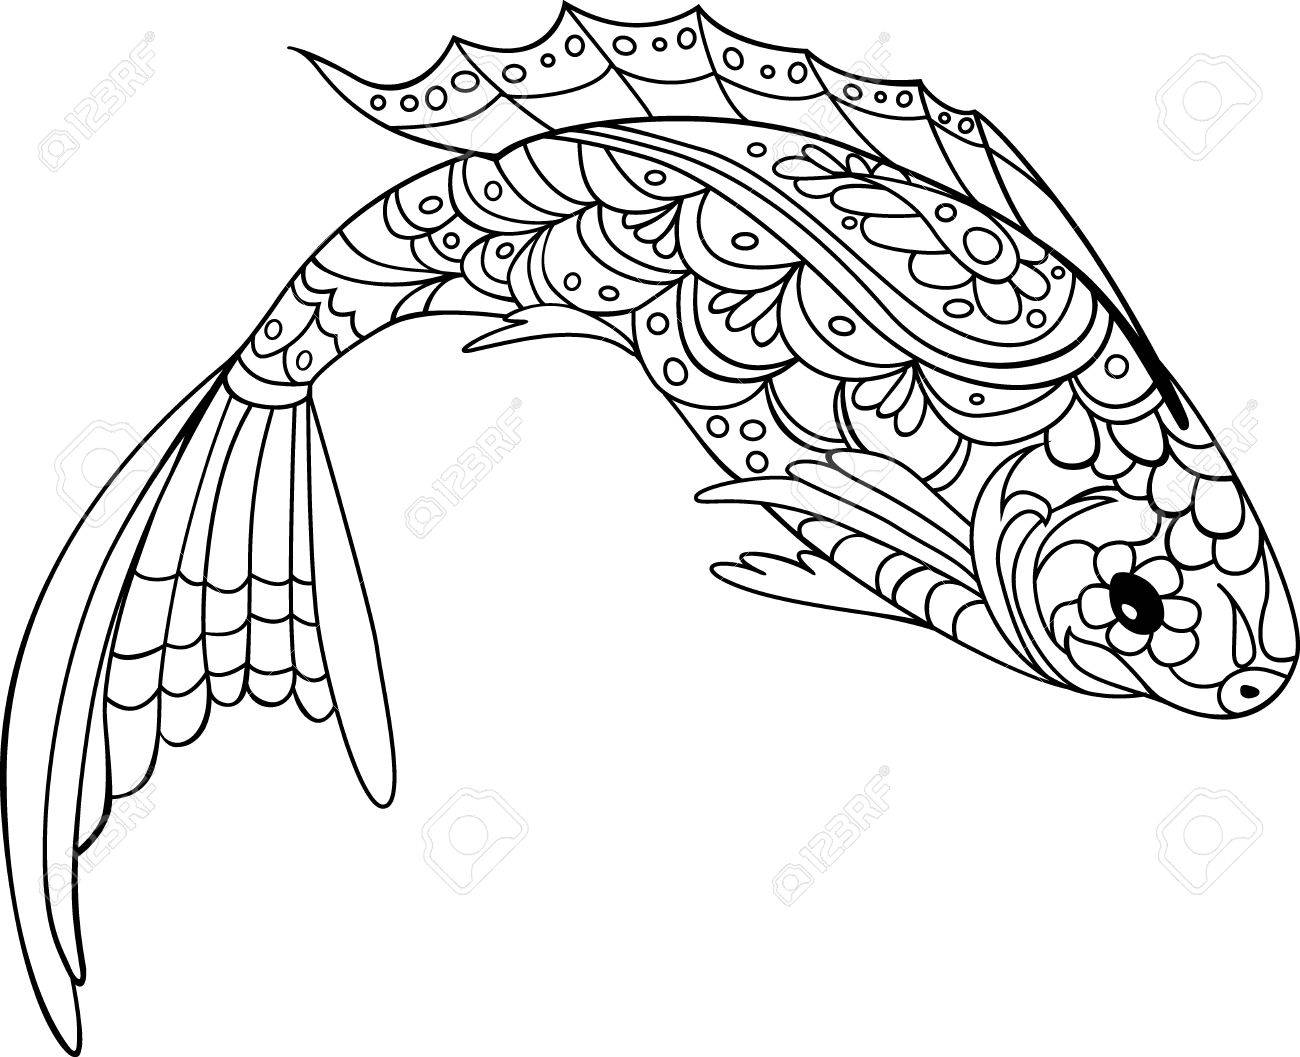 Fisch Zentangle Stil Malbuch Für Erwachsene Und Kinder Antistress